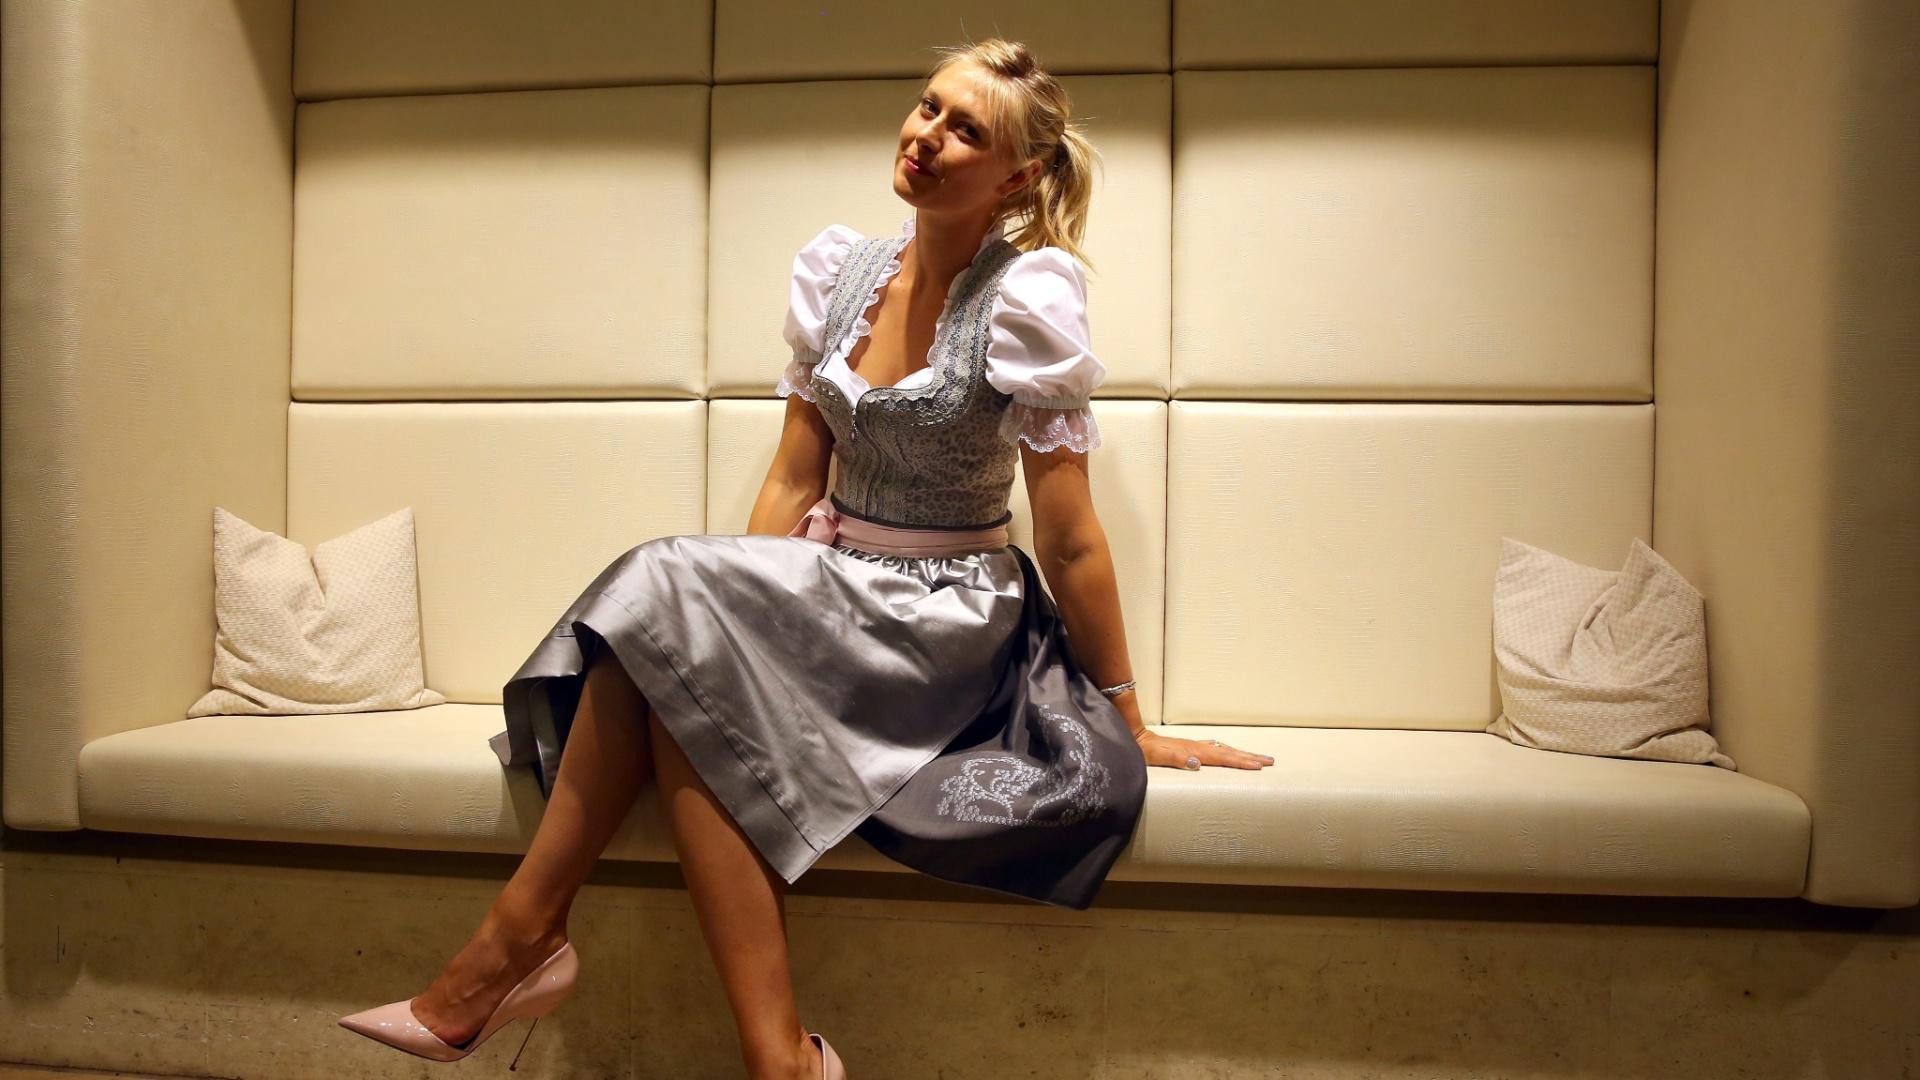 20.04.2014 - Sharapova se veste de alemã para comemorar aniversário de 27 anos